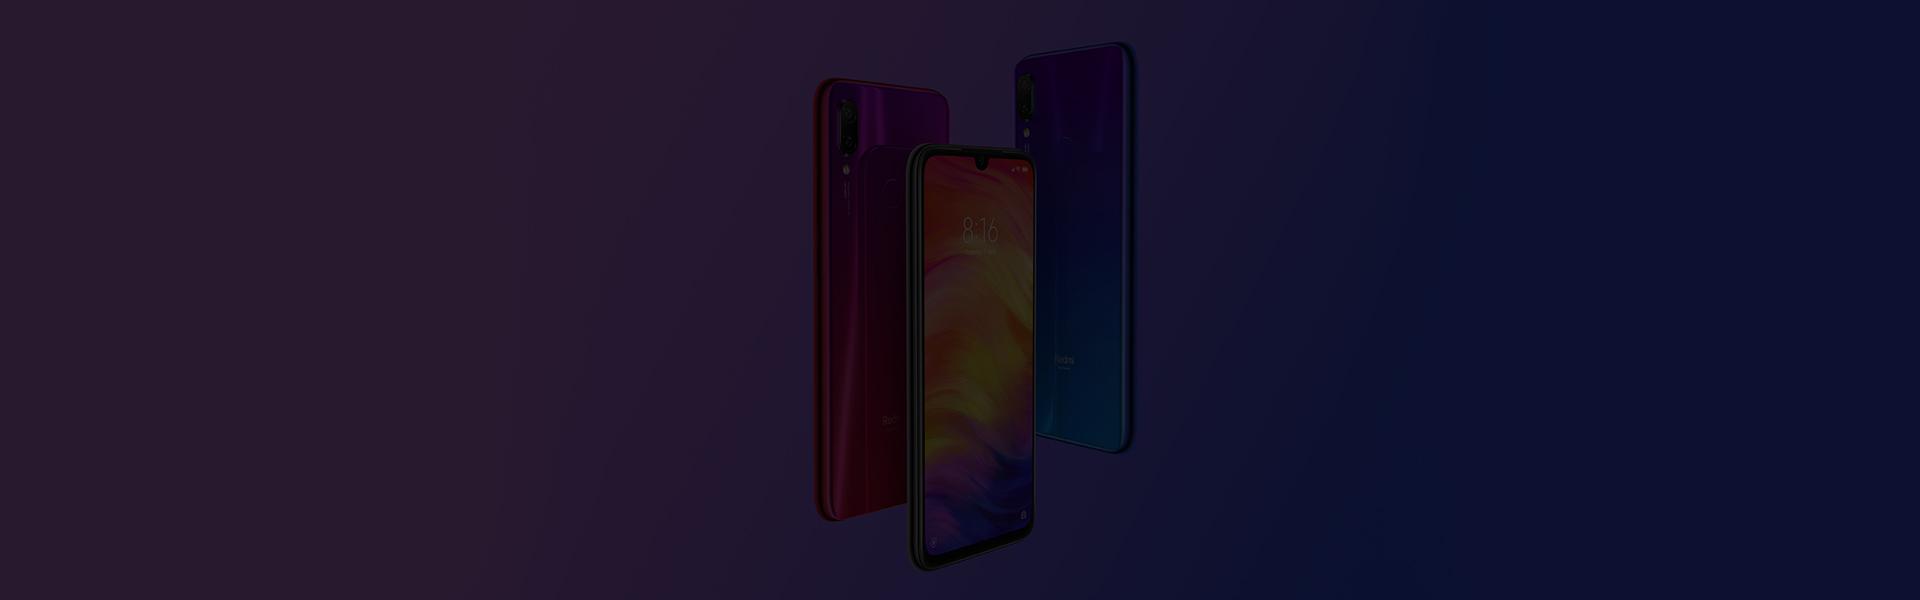 Xiaomi Redmi Note 7 chính hãng, rõ ràng nó là điện thoại quốc dân của 2019!